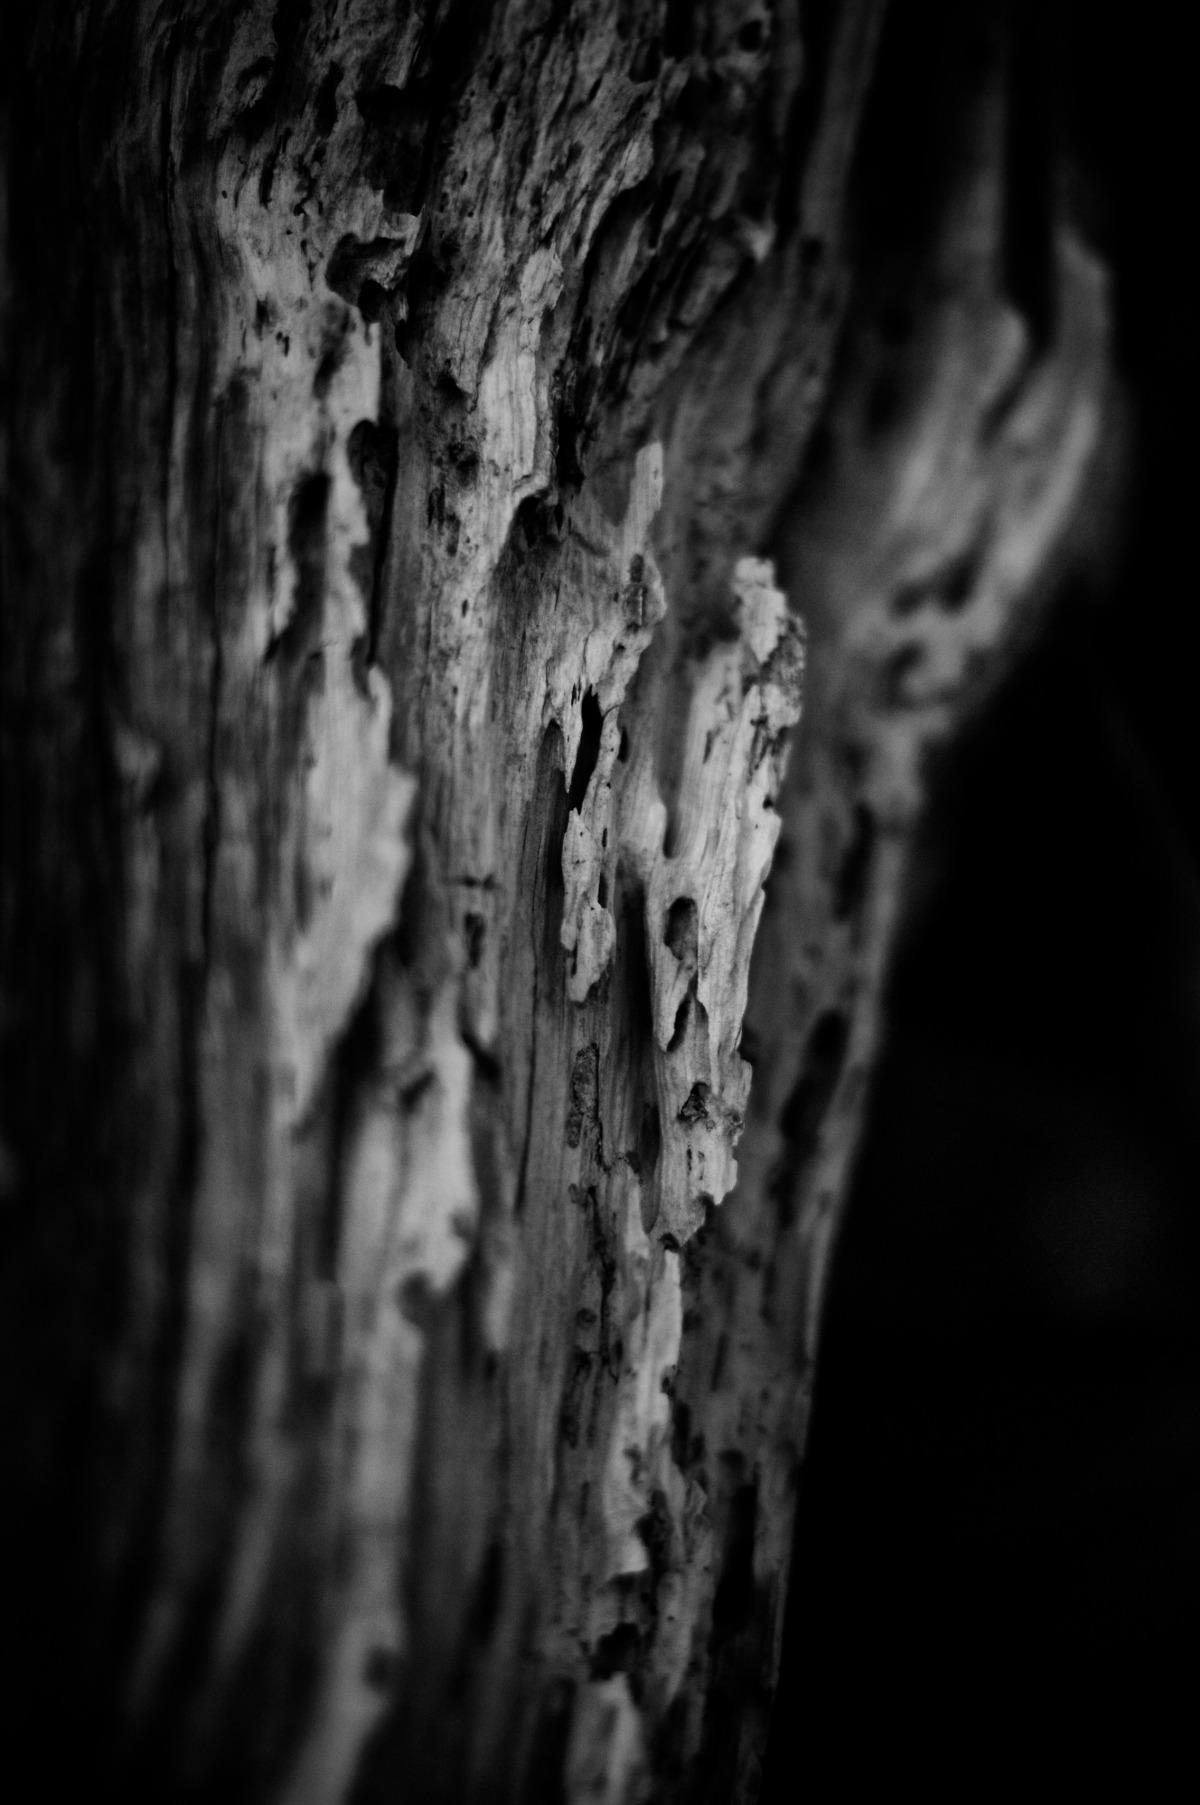 2009-07-04 at 08-42-41 dark death decay hiking juan de fuca ominous still life wood.jpg